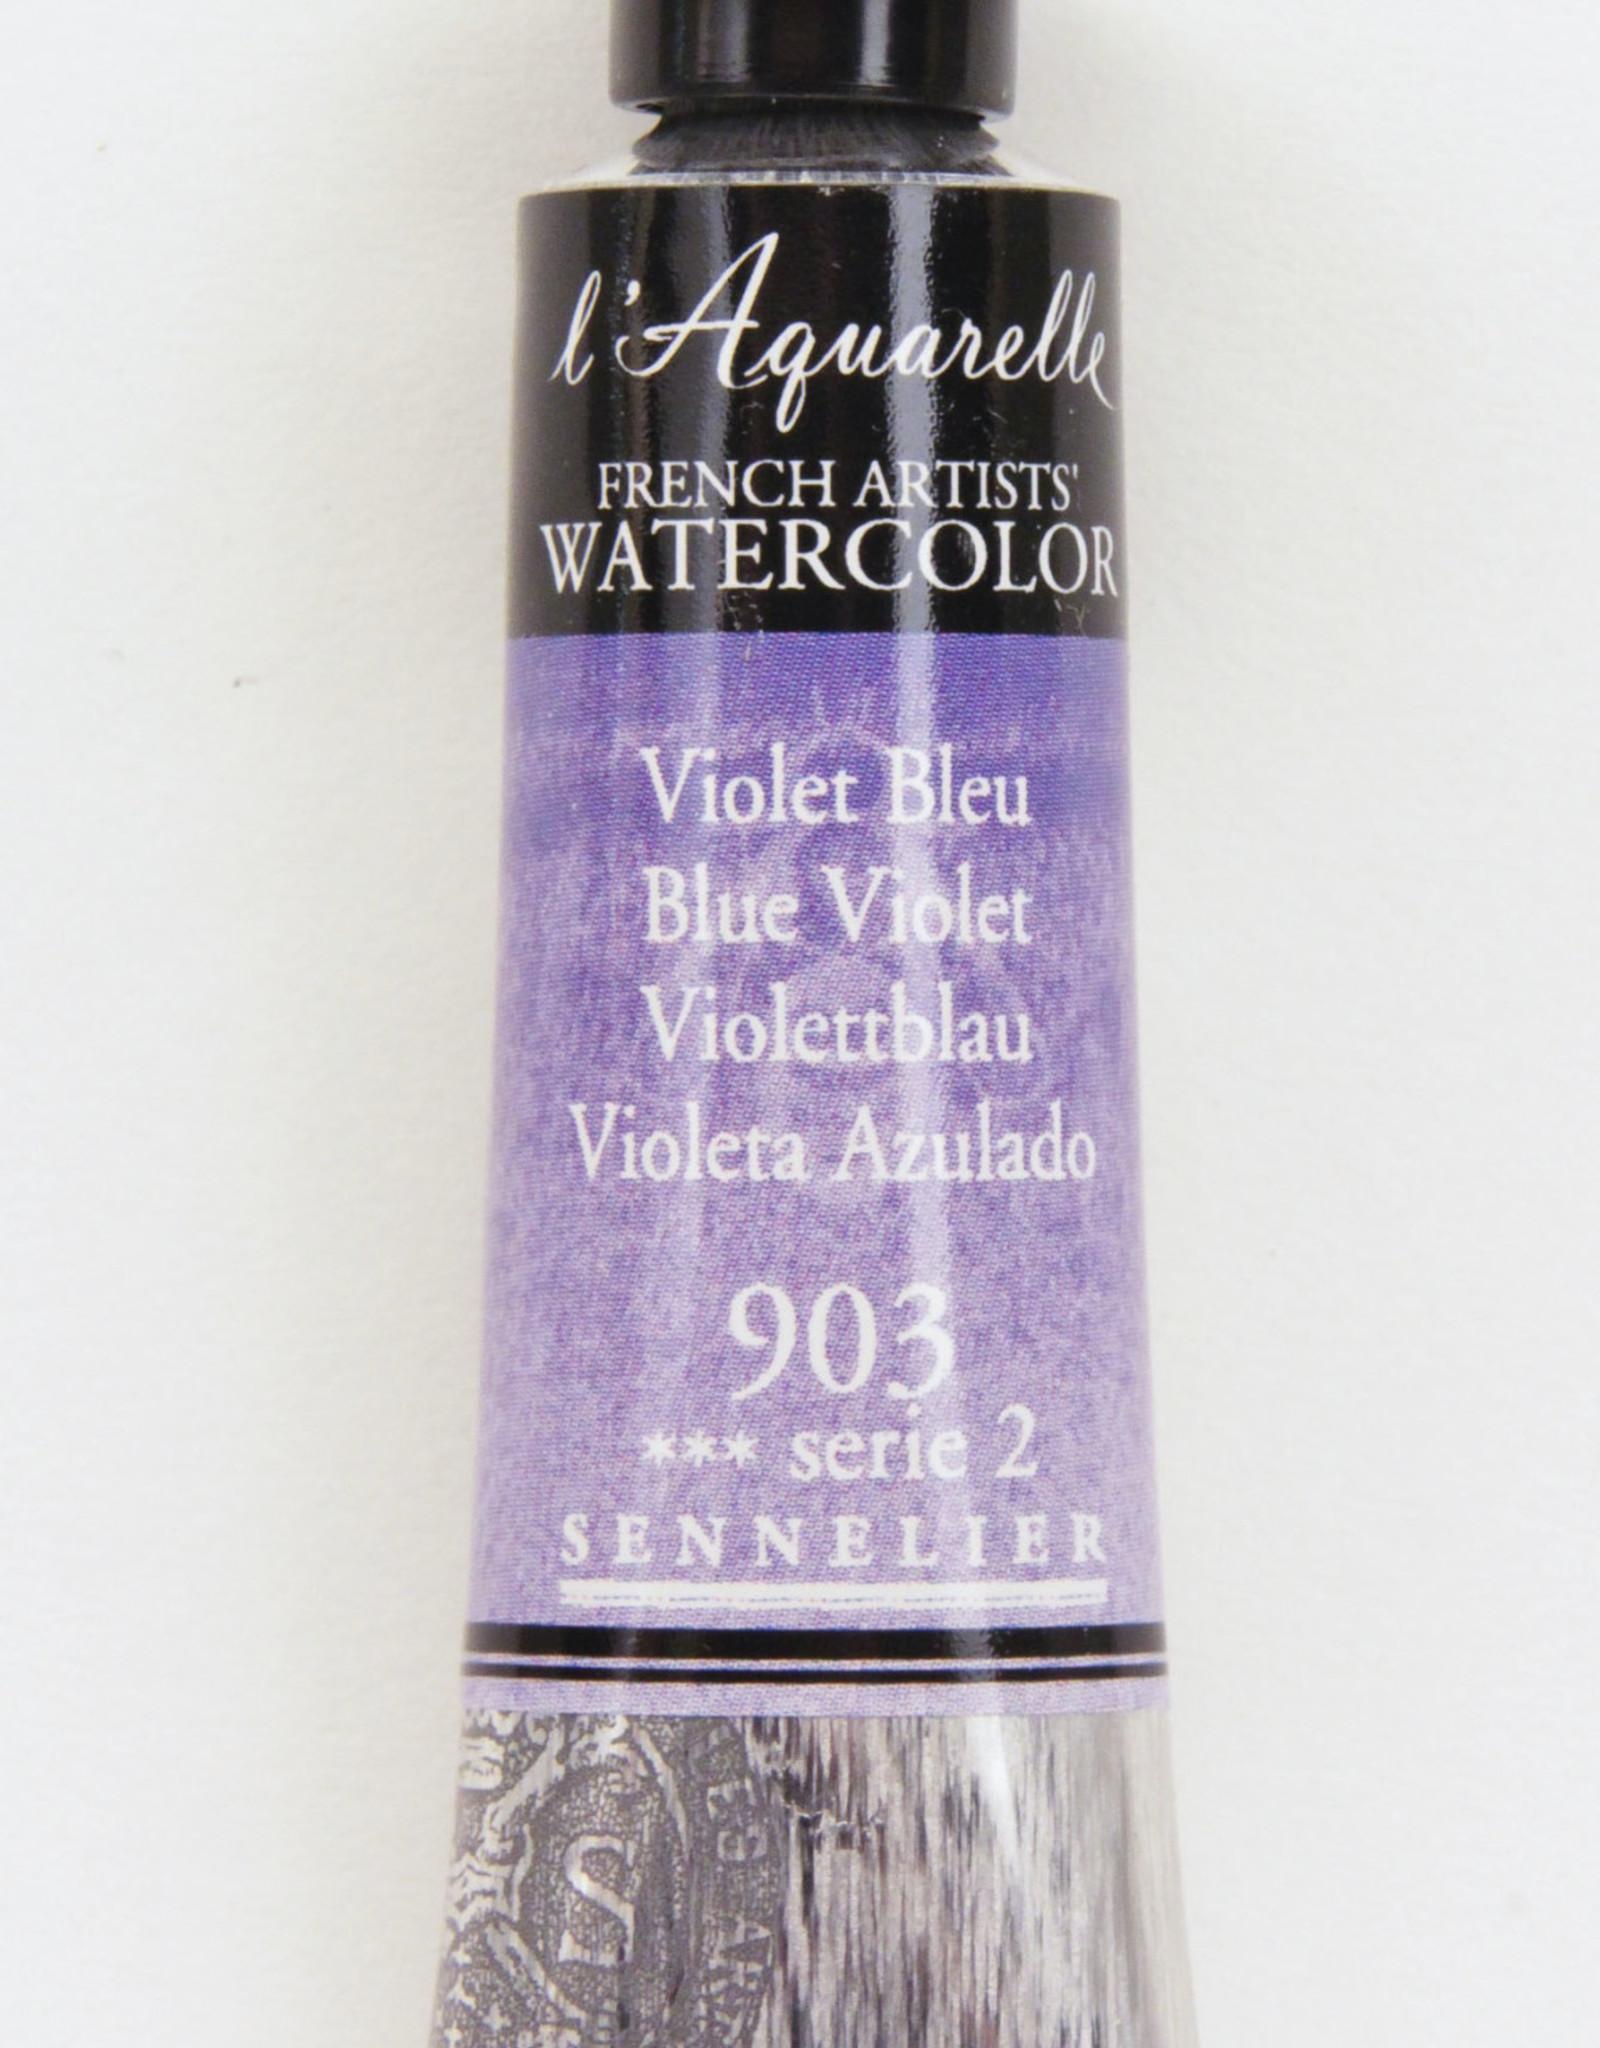 Sennelier, Aquarelle Watercolor Paint, Blue Violet,  903,10ml Tube, Series 2